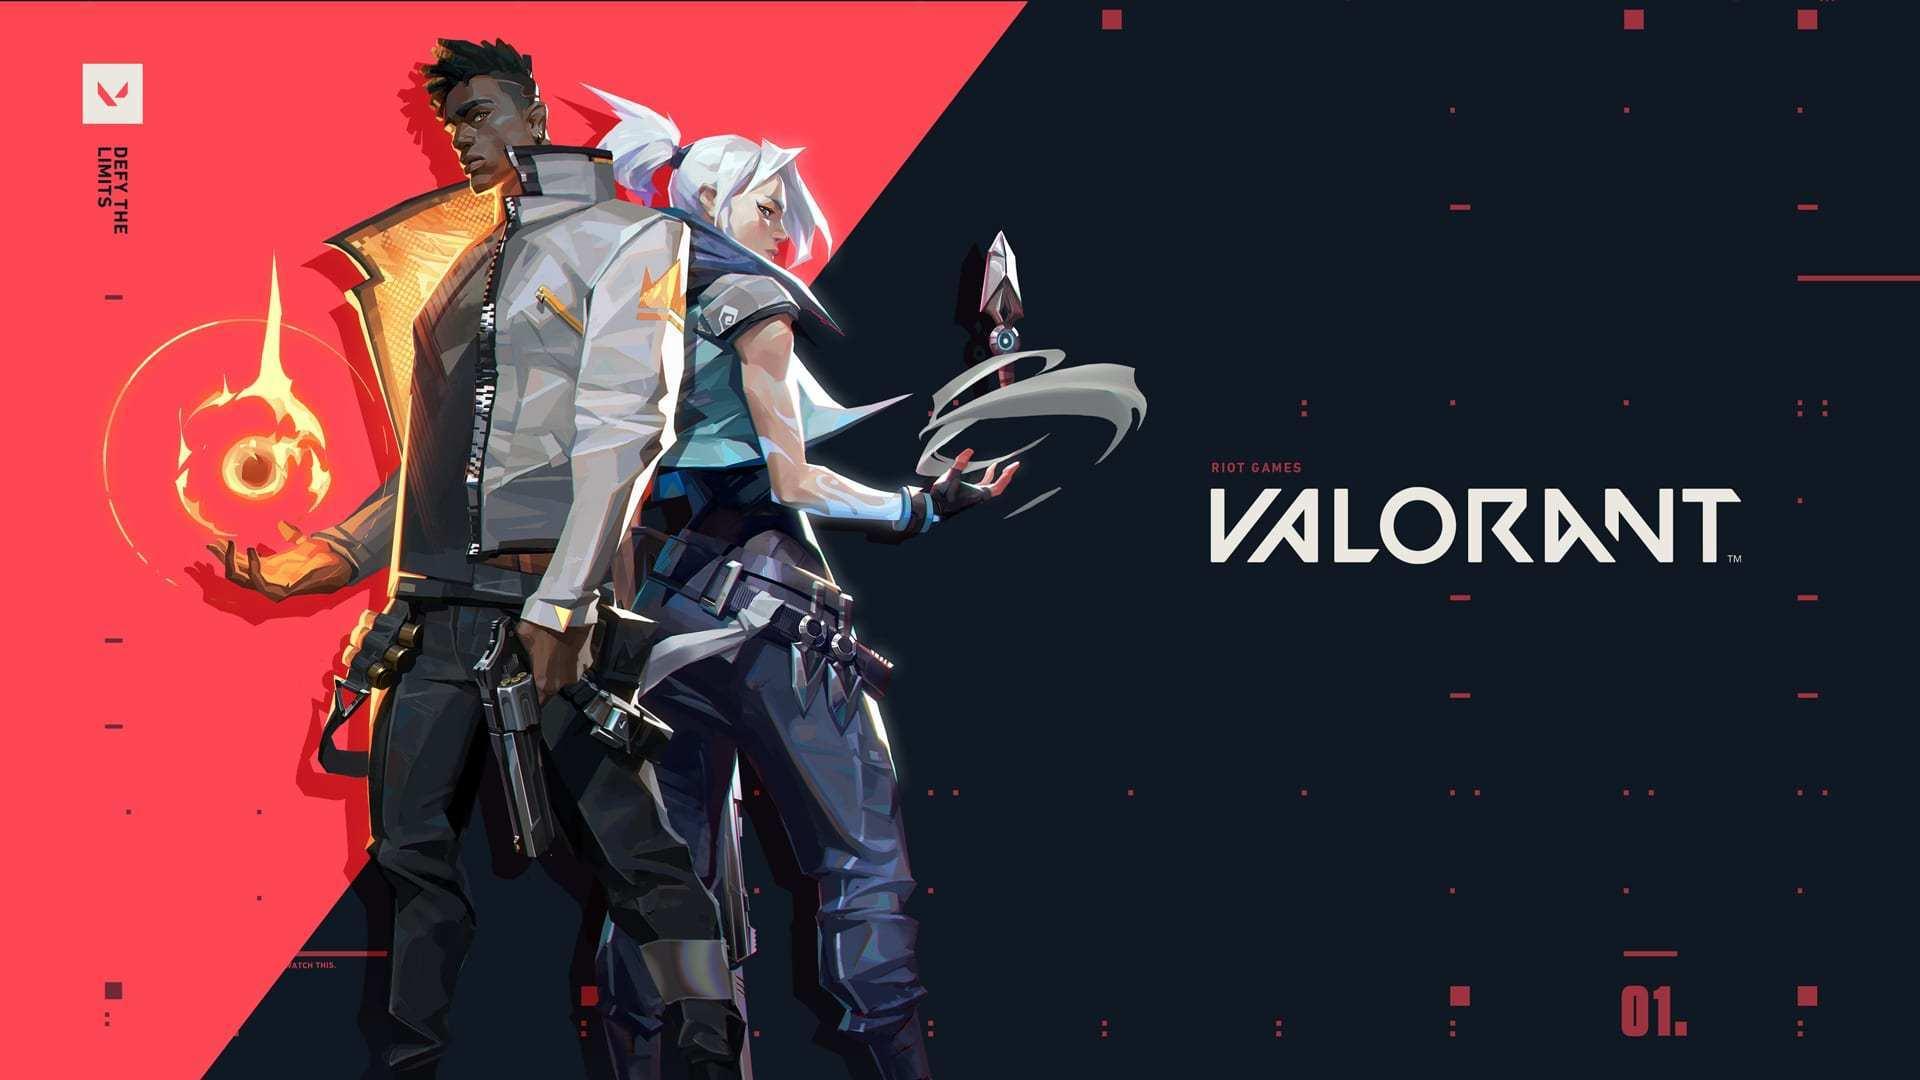 Se explica el modo competitivo de Valorant se detalla el